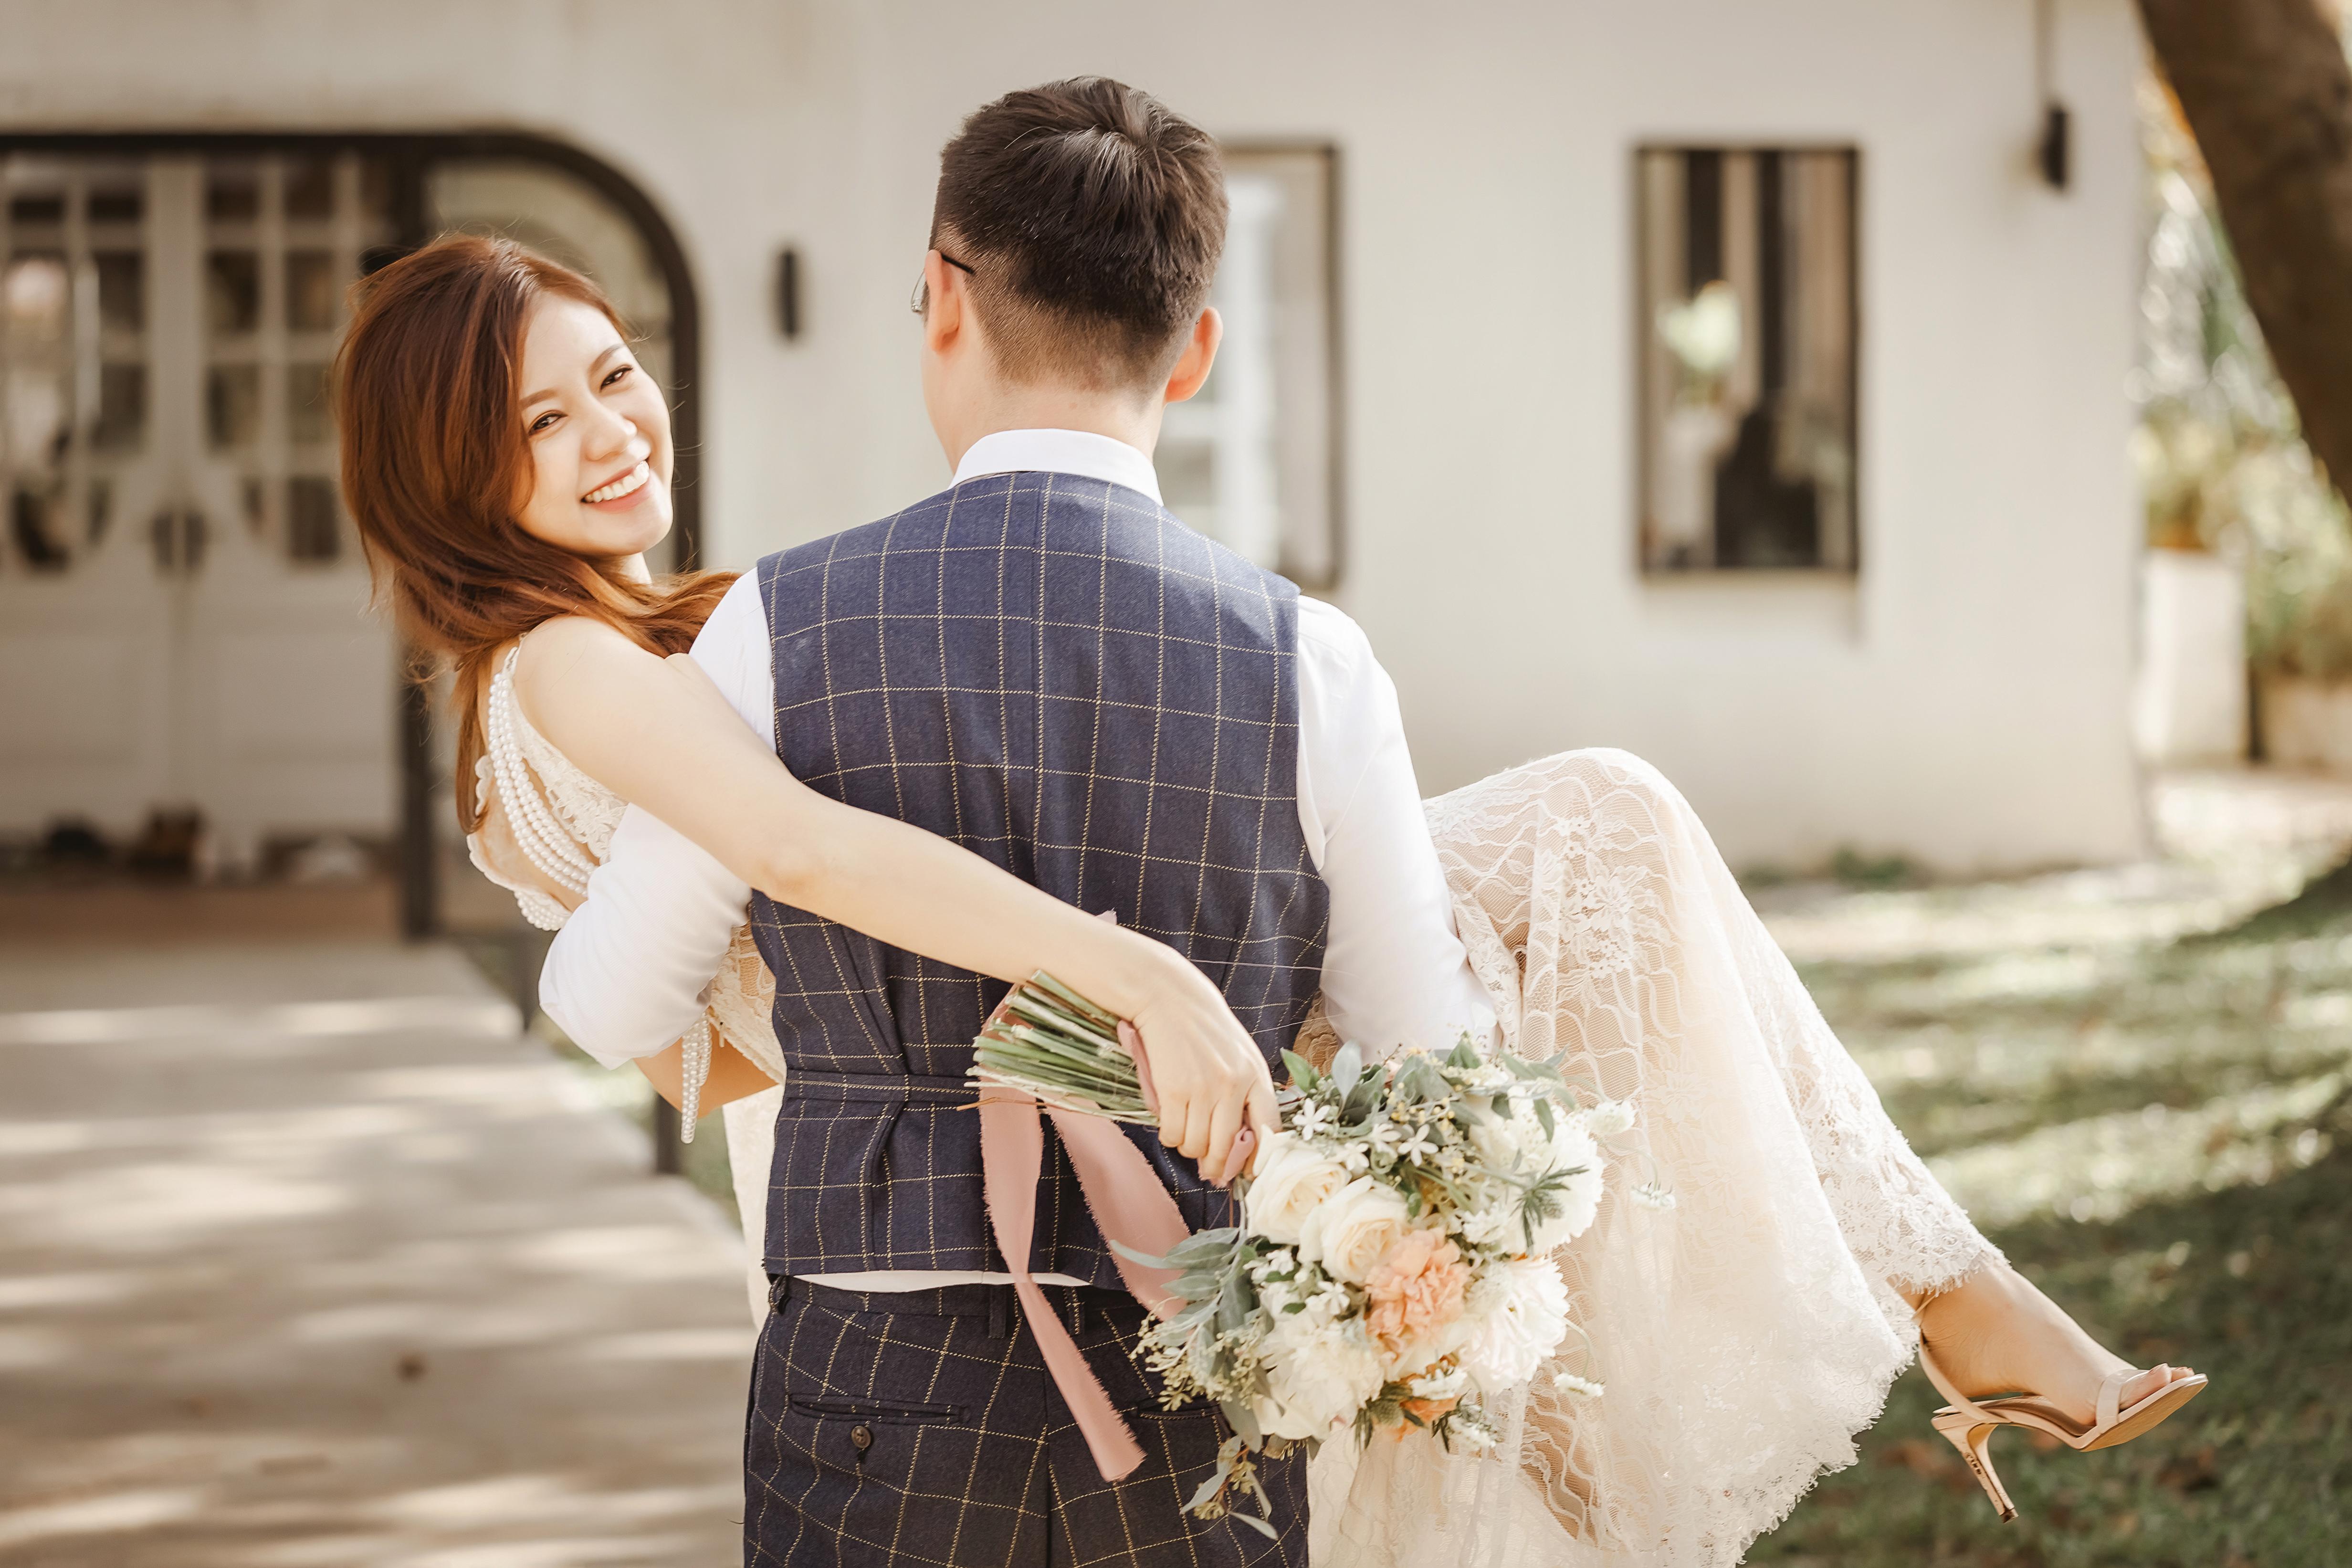 |綠攝影像|婚紗攝影|台北婚紗|婚紗包套|自主婚紗|婚紗拍攝團隊|